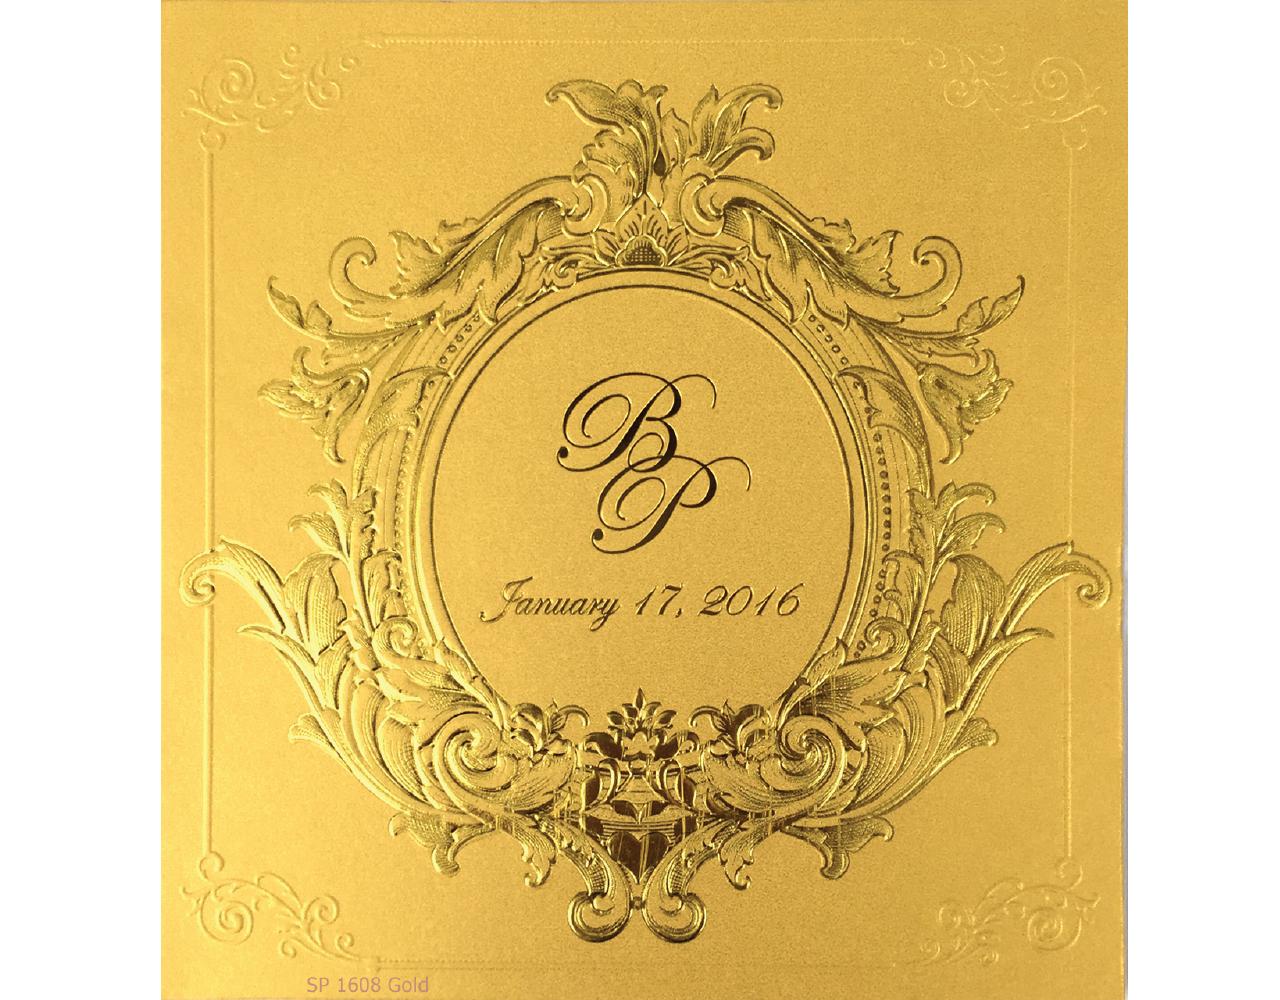 การ์ดแต่งงาน การ์ดเชิญงานแต่ง แบบหรู ๆ สีมุกทอง การ์ด ซอง และกระดาษไส้ใน wedding card 6.5x7 inch SP 1608 Gold